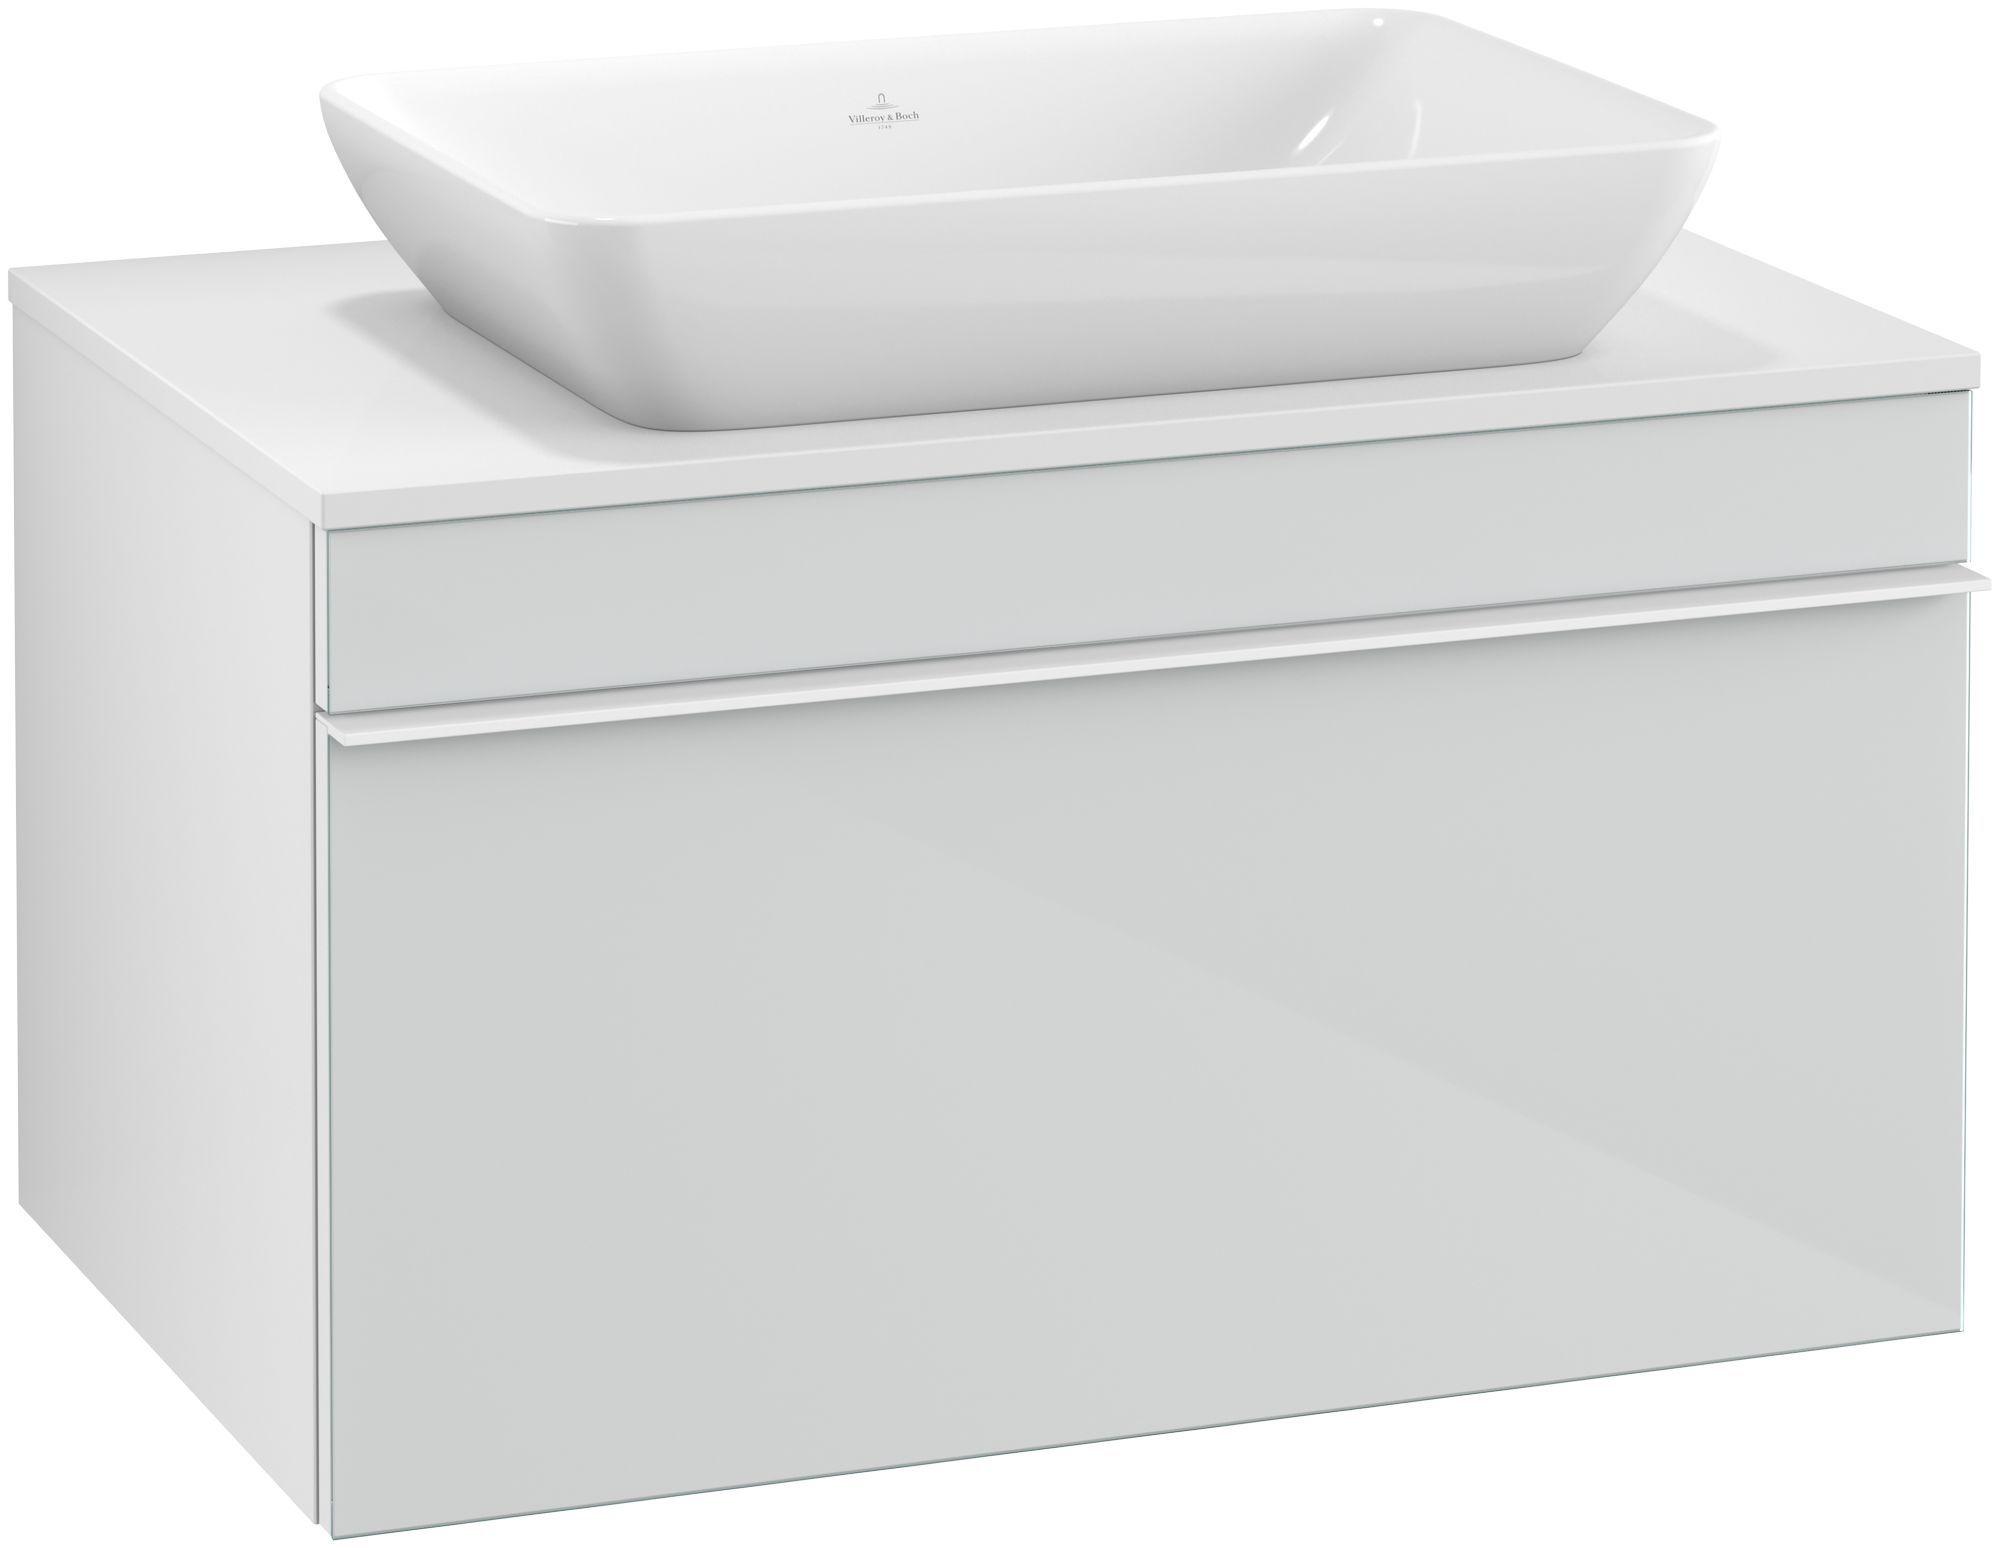 Villeroy & Boch Venticello Waschtischunterschrank für Waschtisch mittig 1 Auszug B:75,7xH:43,6xT:50,2cm Glas glossy white Griffe white Griffe weiß A94502RE